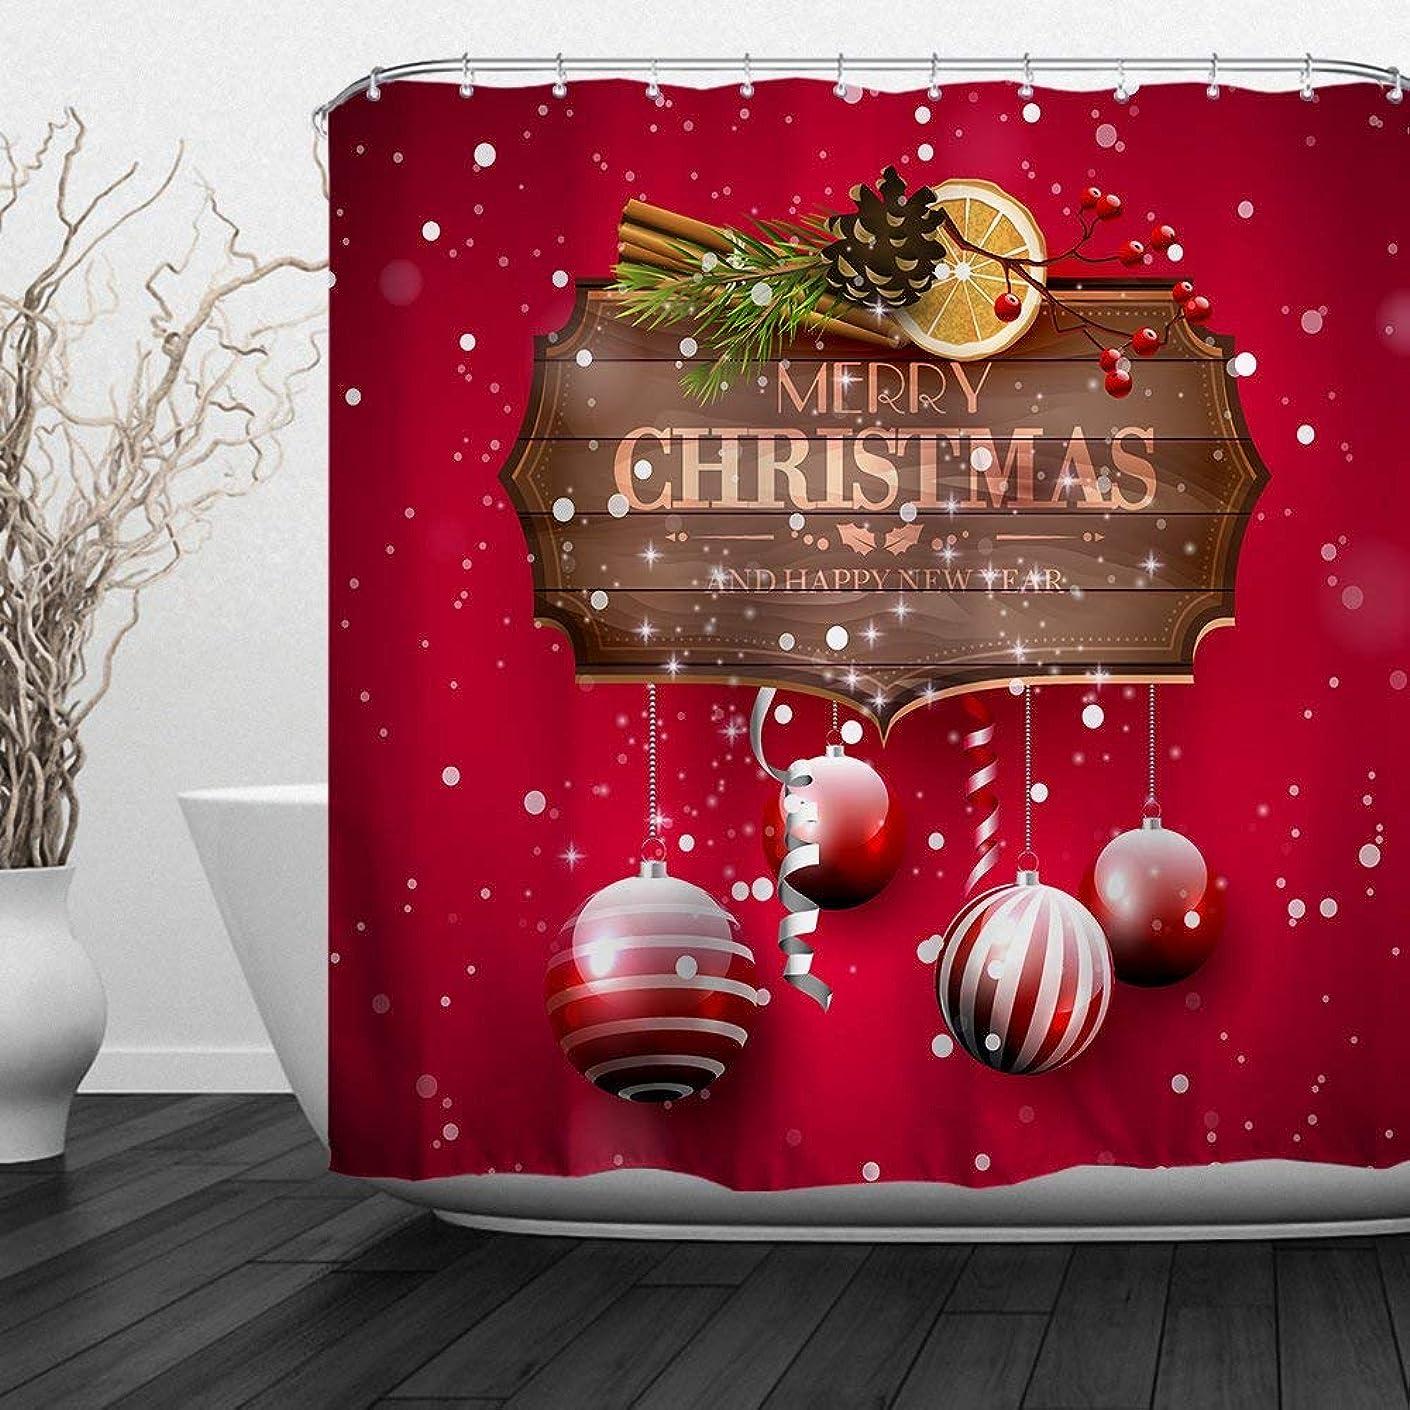 モーテル楽観的無法者メリークリスマスホームインテリアポリエステルファブリックバスルームシャワーカーテン72